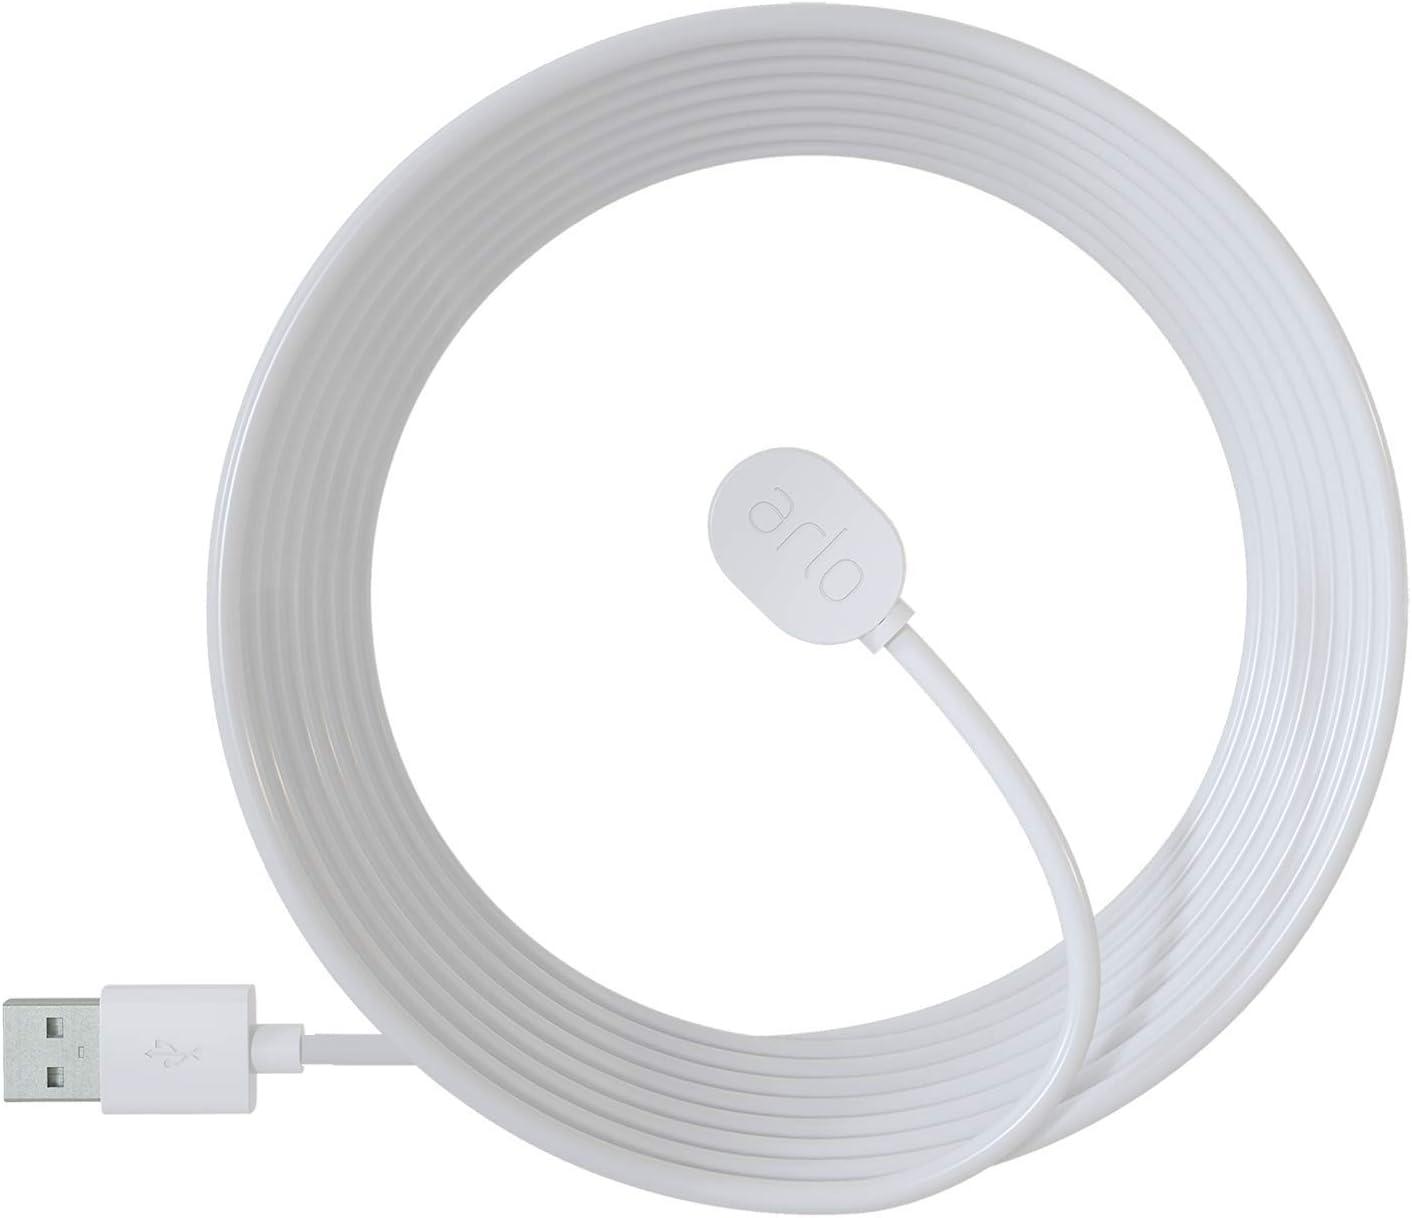 Accessoires Arlo Ultra et Pro 3 - Câble de Recharge Magnétique d'Extérieur...